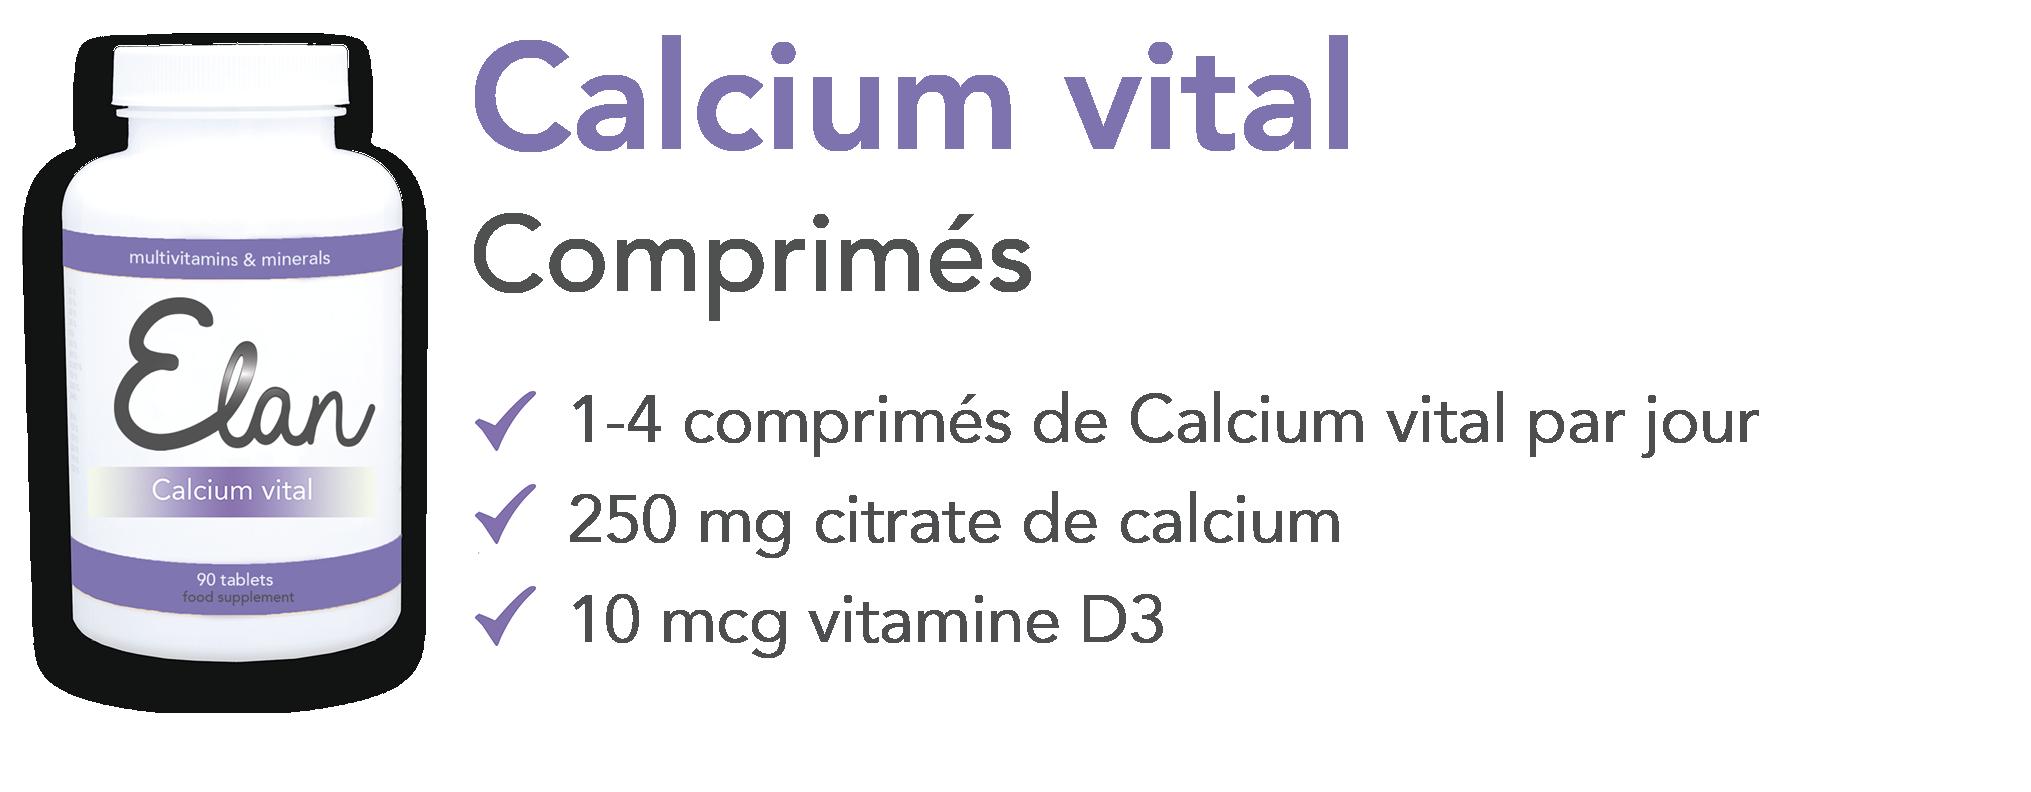 Comprimes de Calcium vital